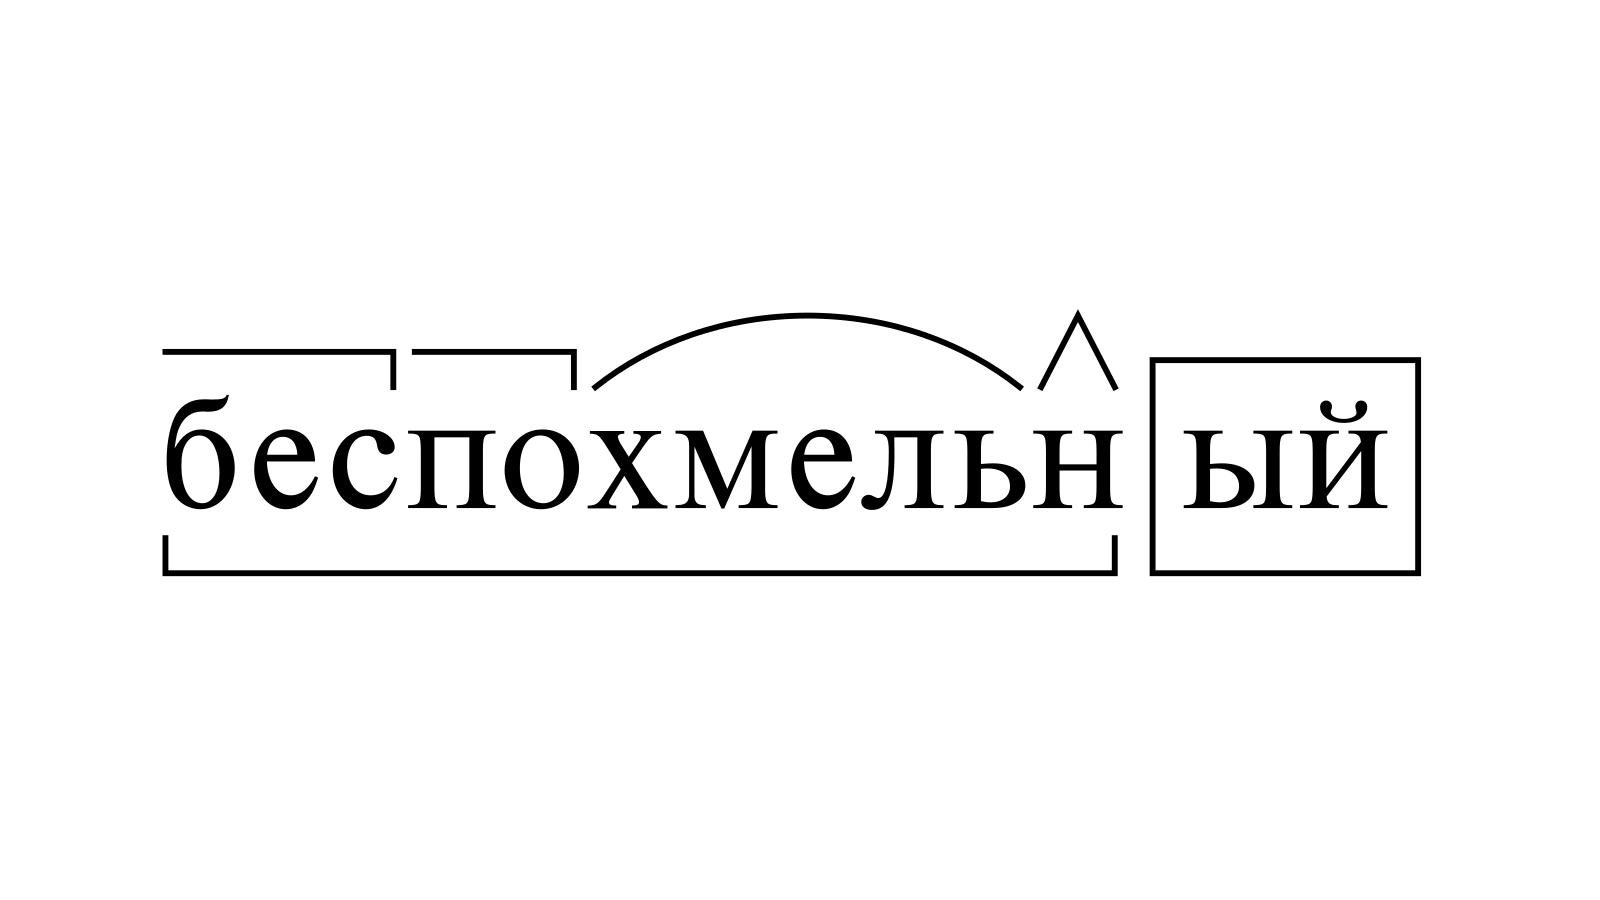 Разбор слова «беспохмельный» по составу